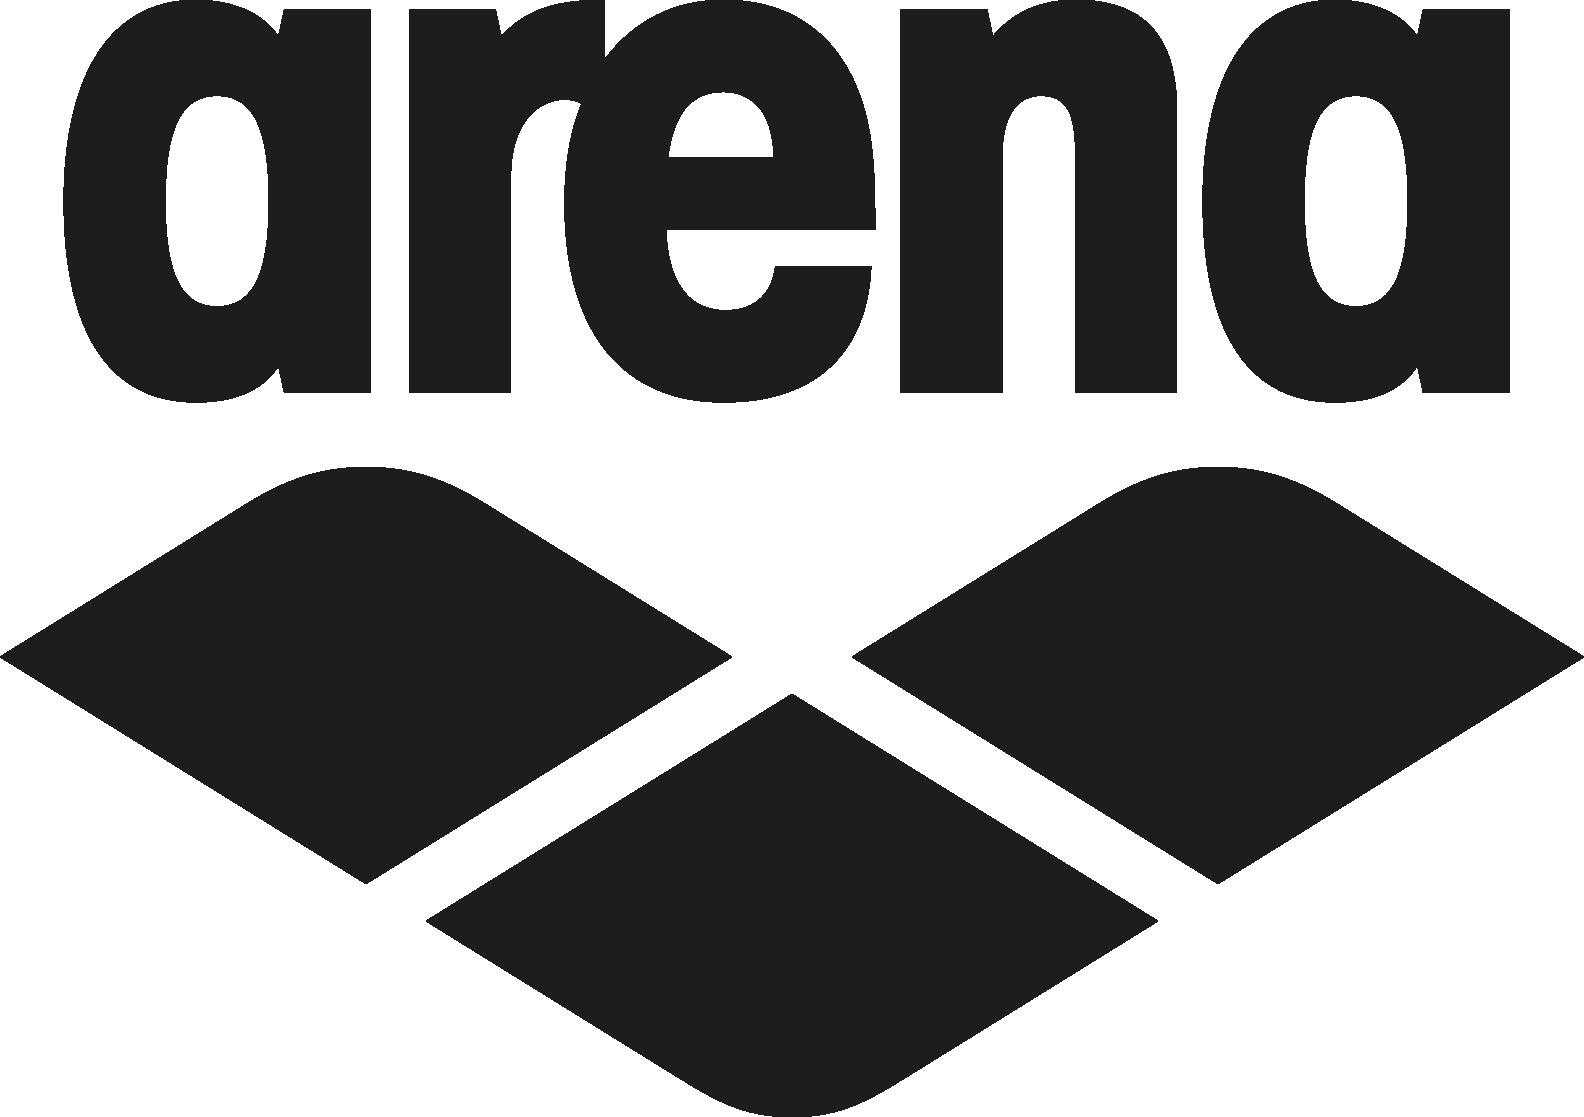 File:Logo arena noir 2017.png.